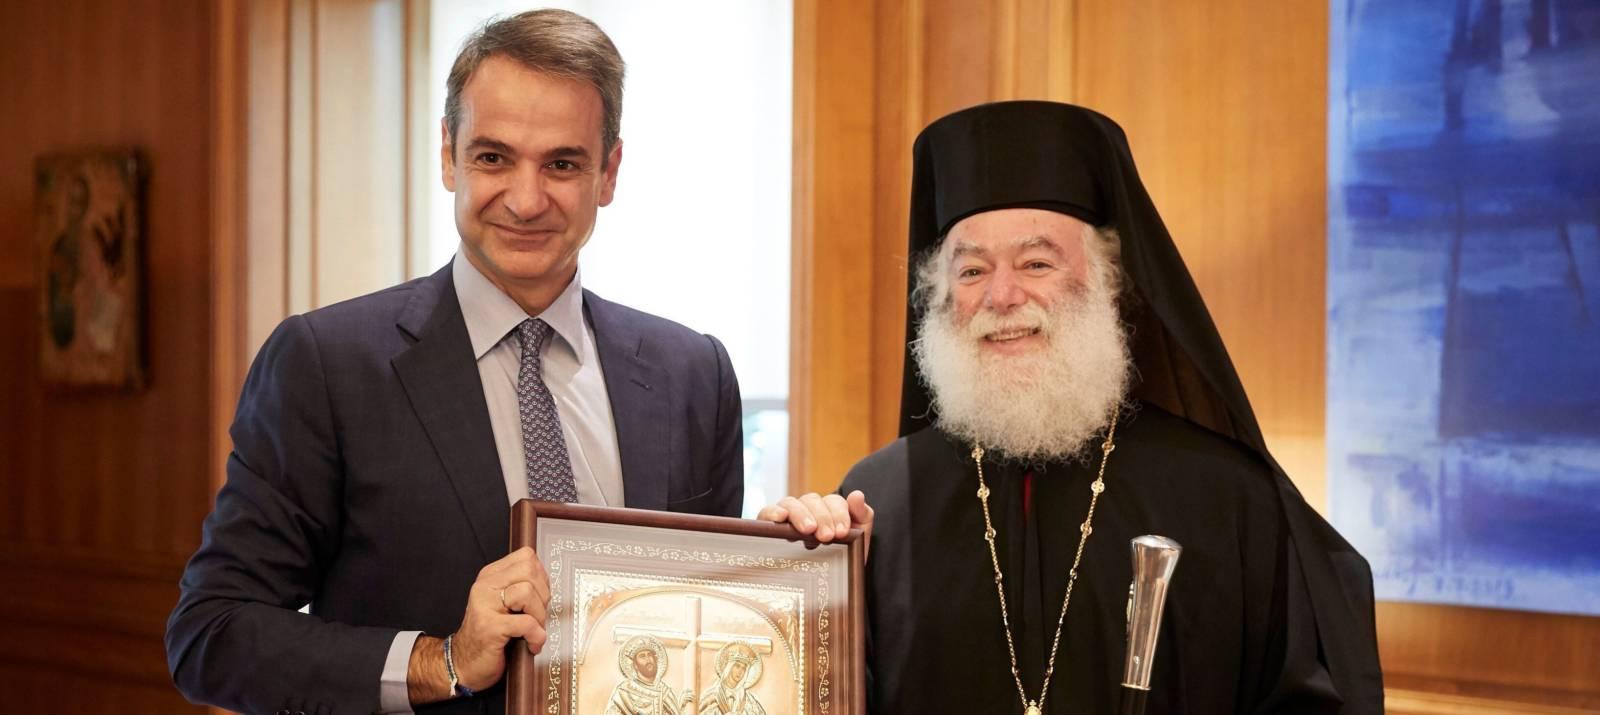 Ο Μητσοτάκης συναντήθηκε με τον Πατριάρχη Αλεξανδρείας και πάσης Αφρικής Θεόδωρο Β'